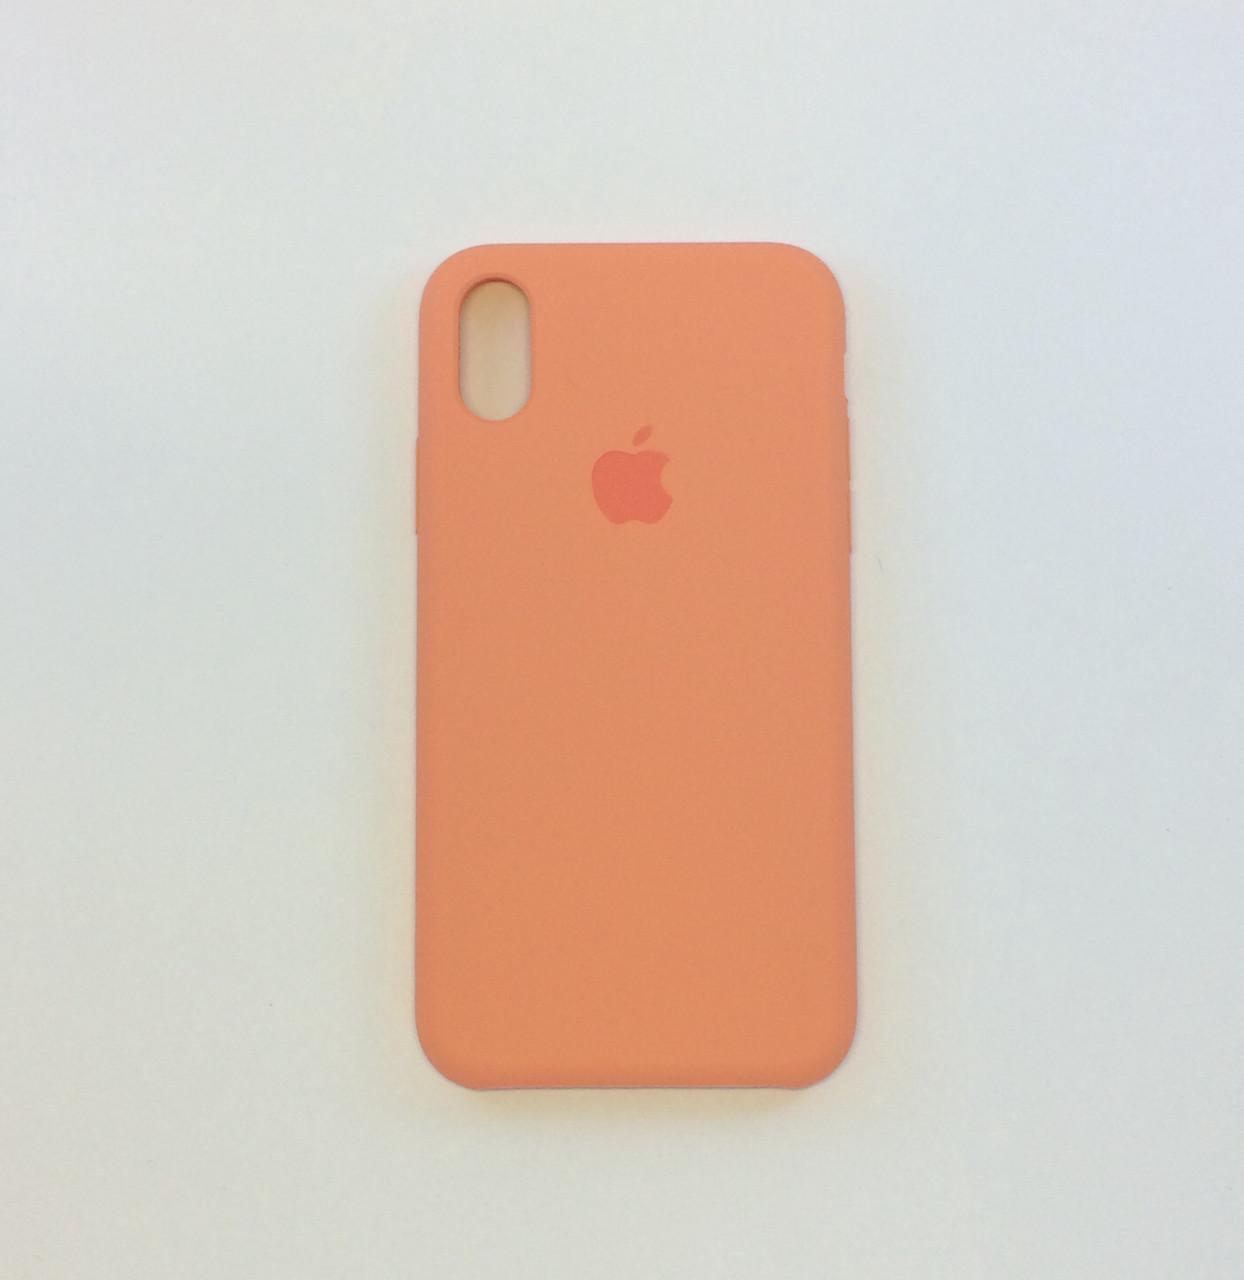 Силиконовый чехол iPhone X/Xs, абрикос, №42 - copy original